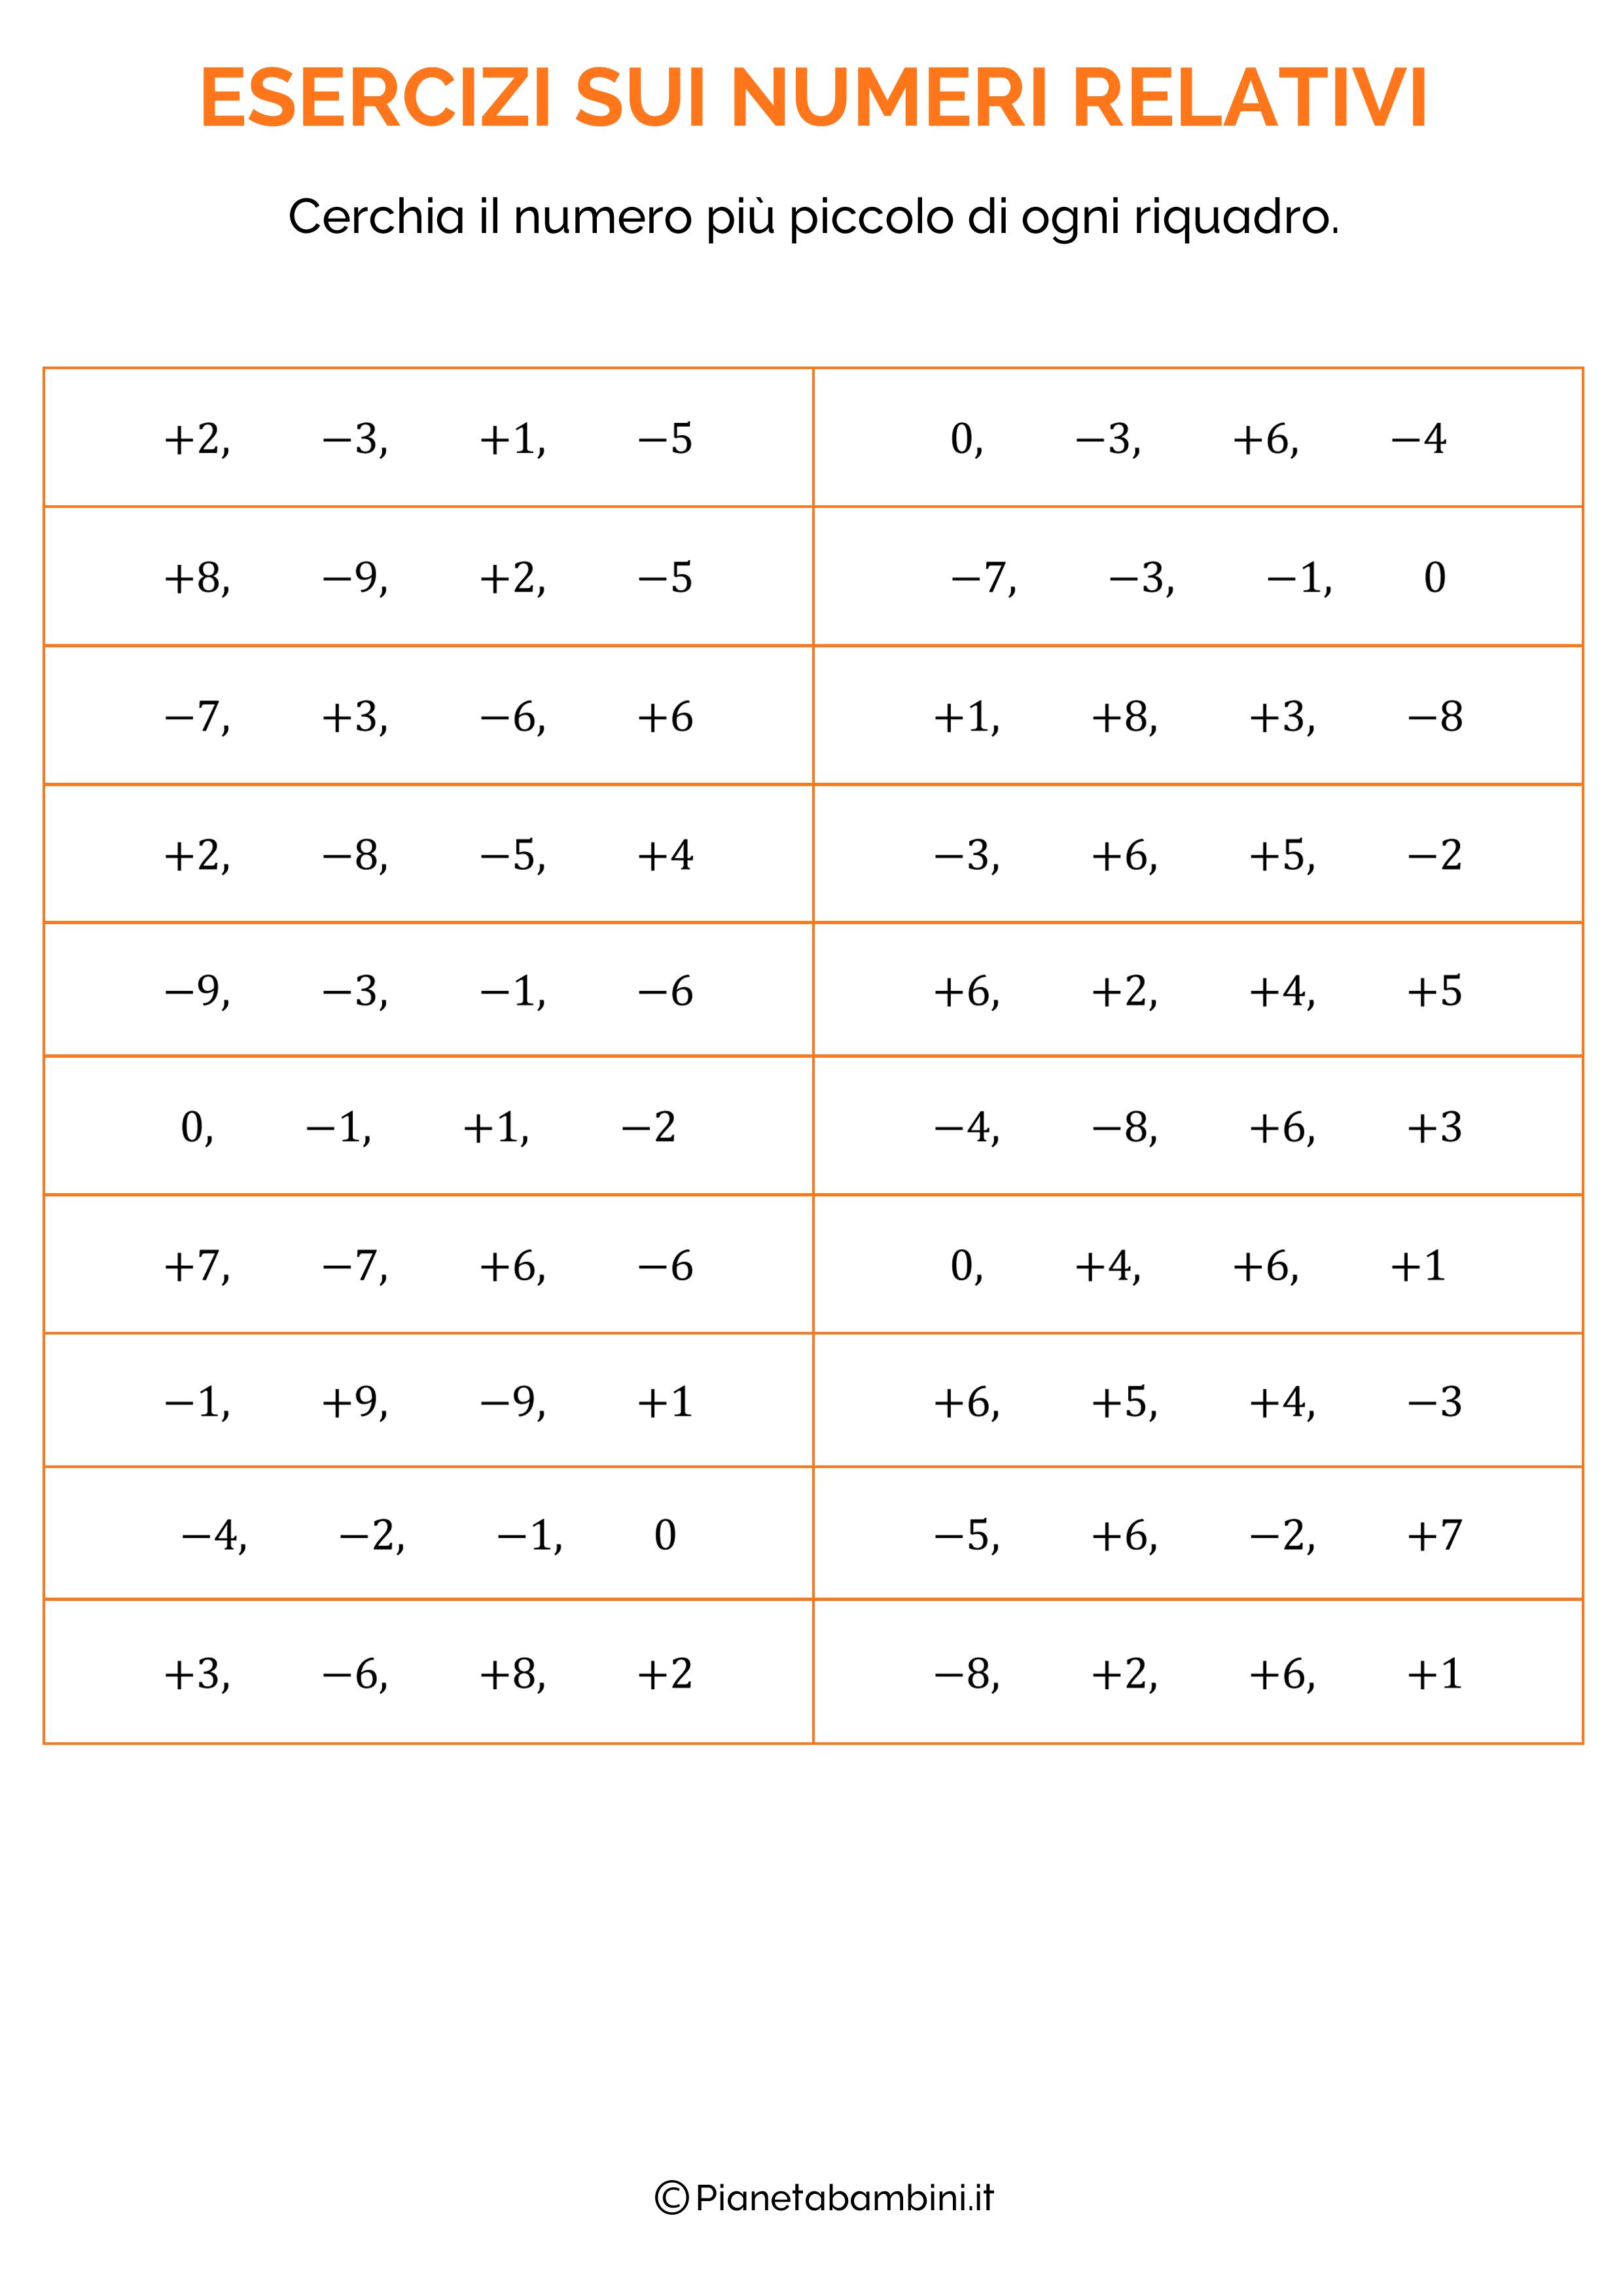 Cerchia il numero più piccolo